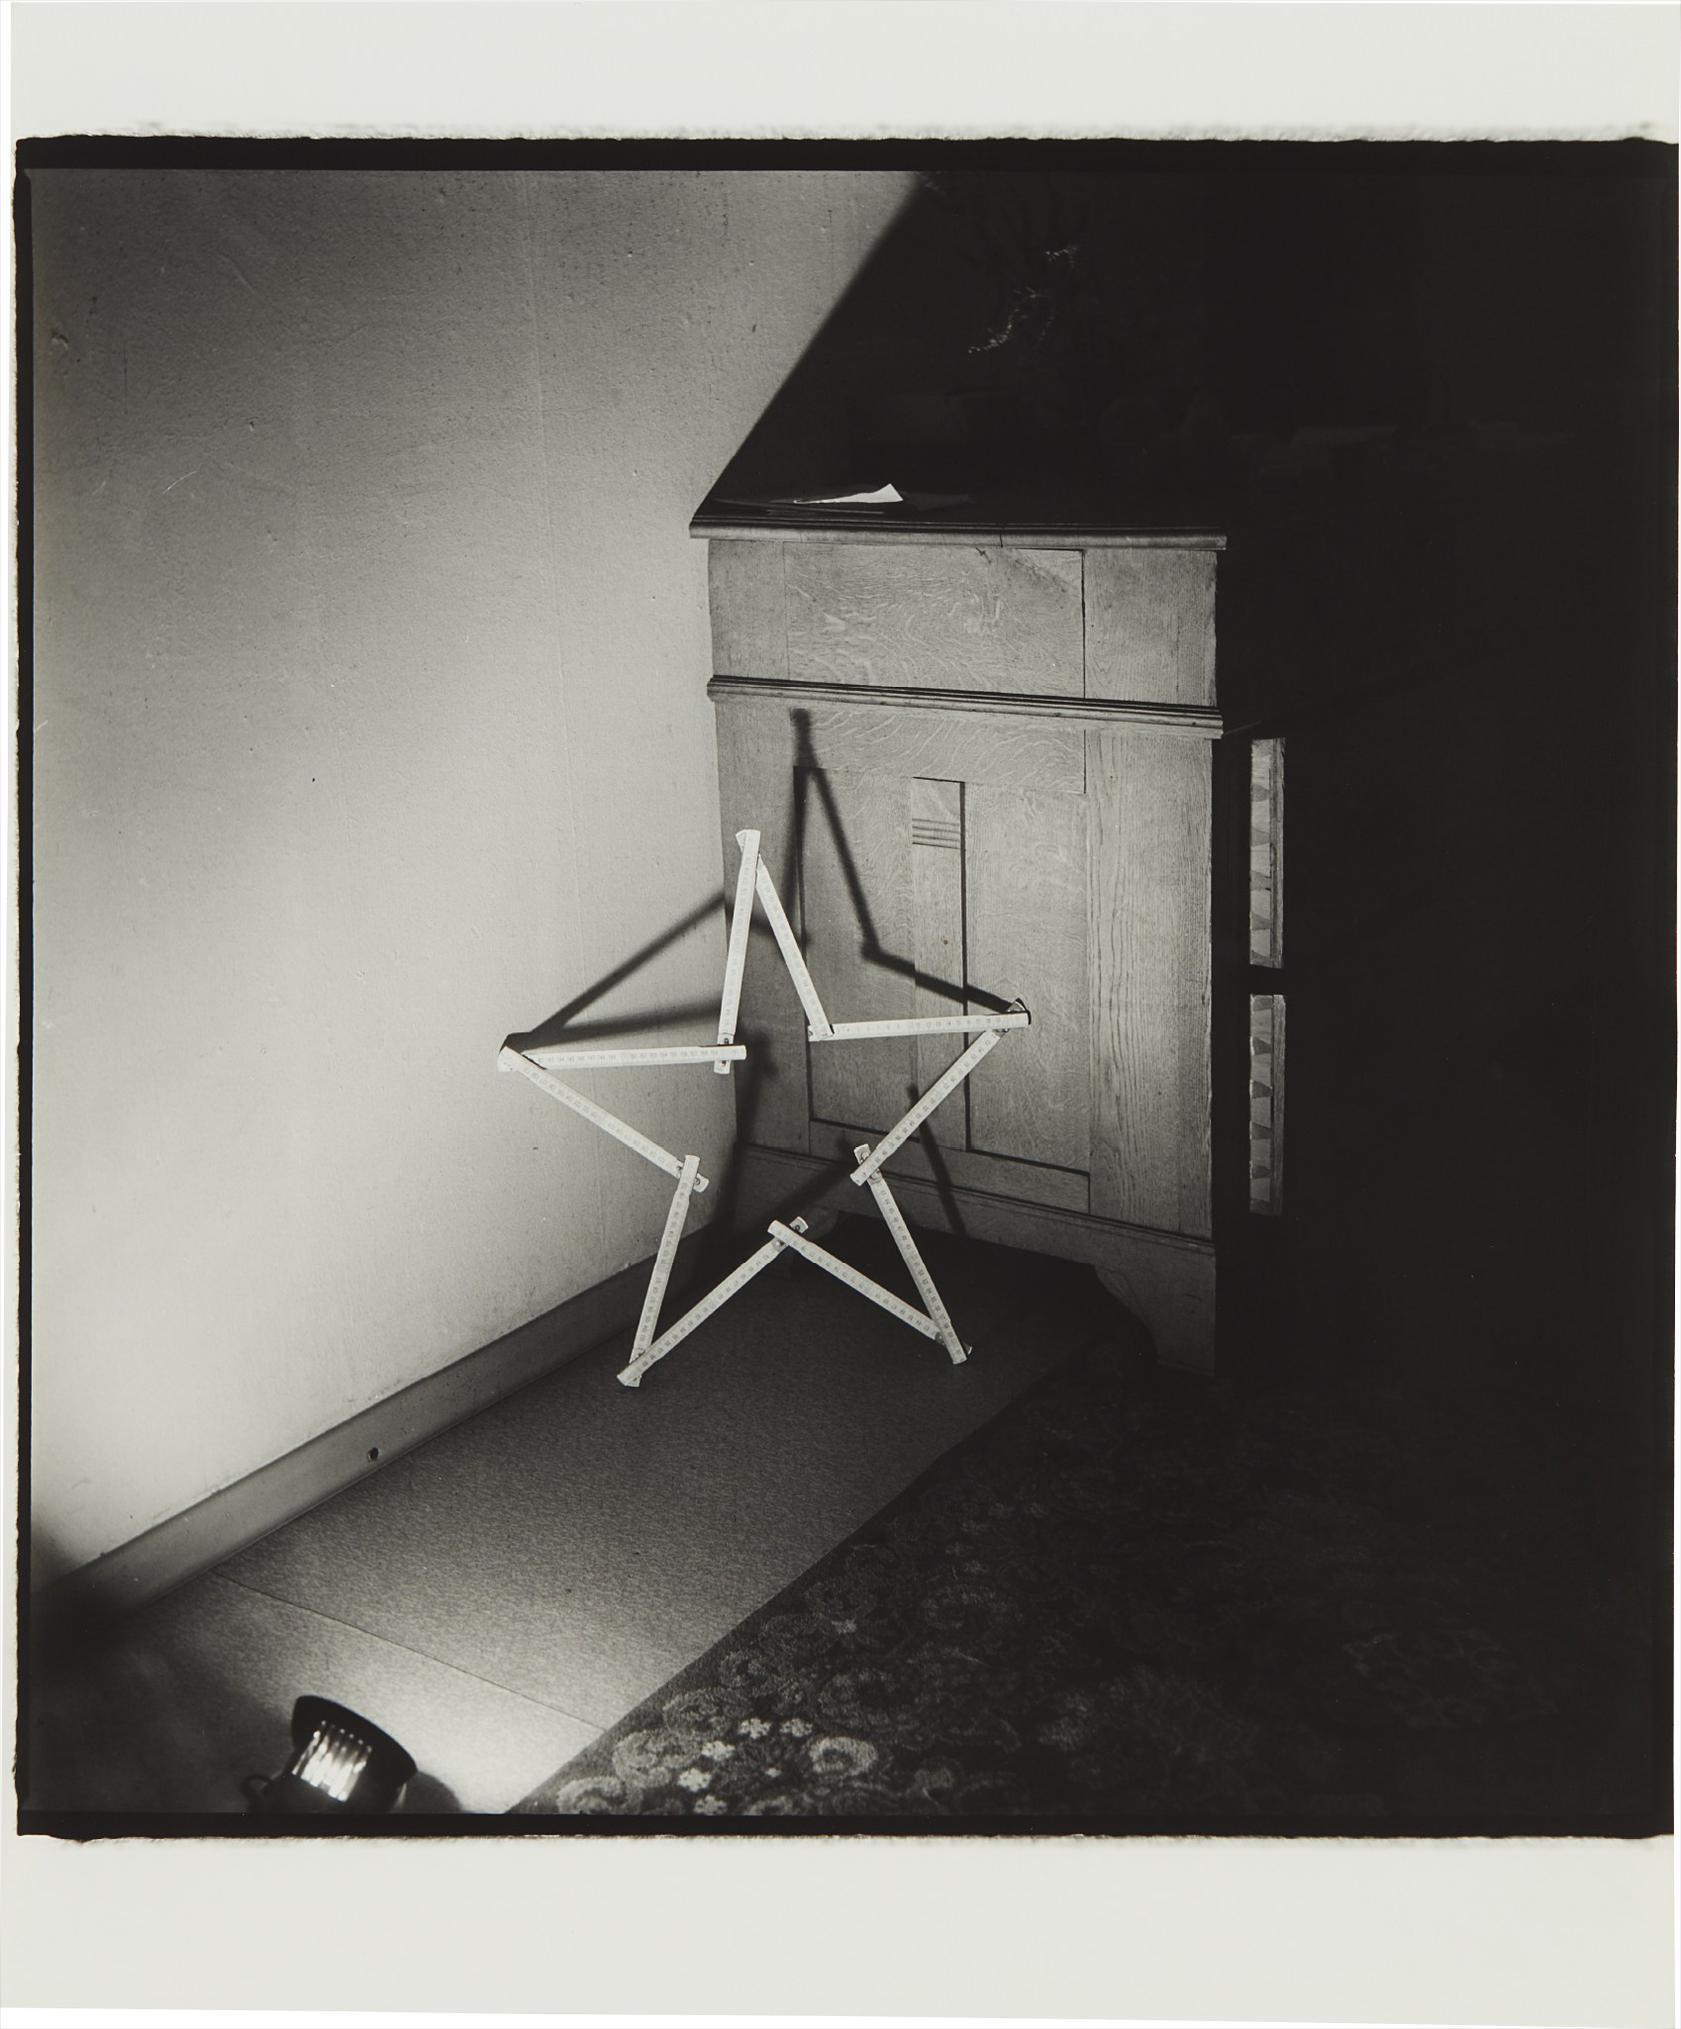 Sigmar Polke-Untitled-1990